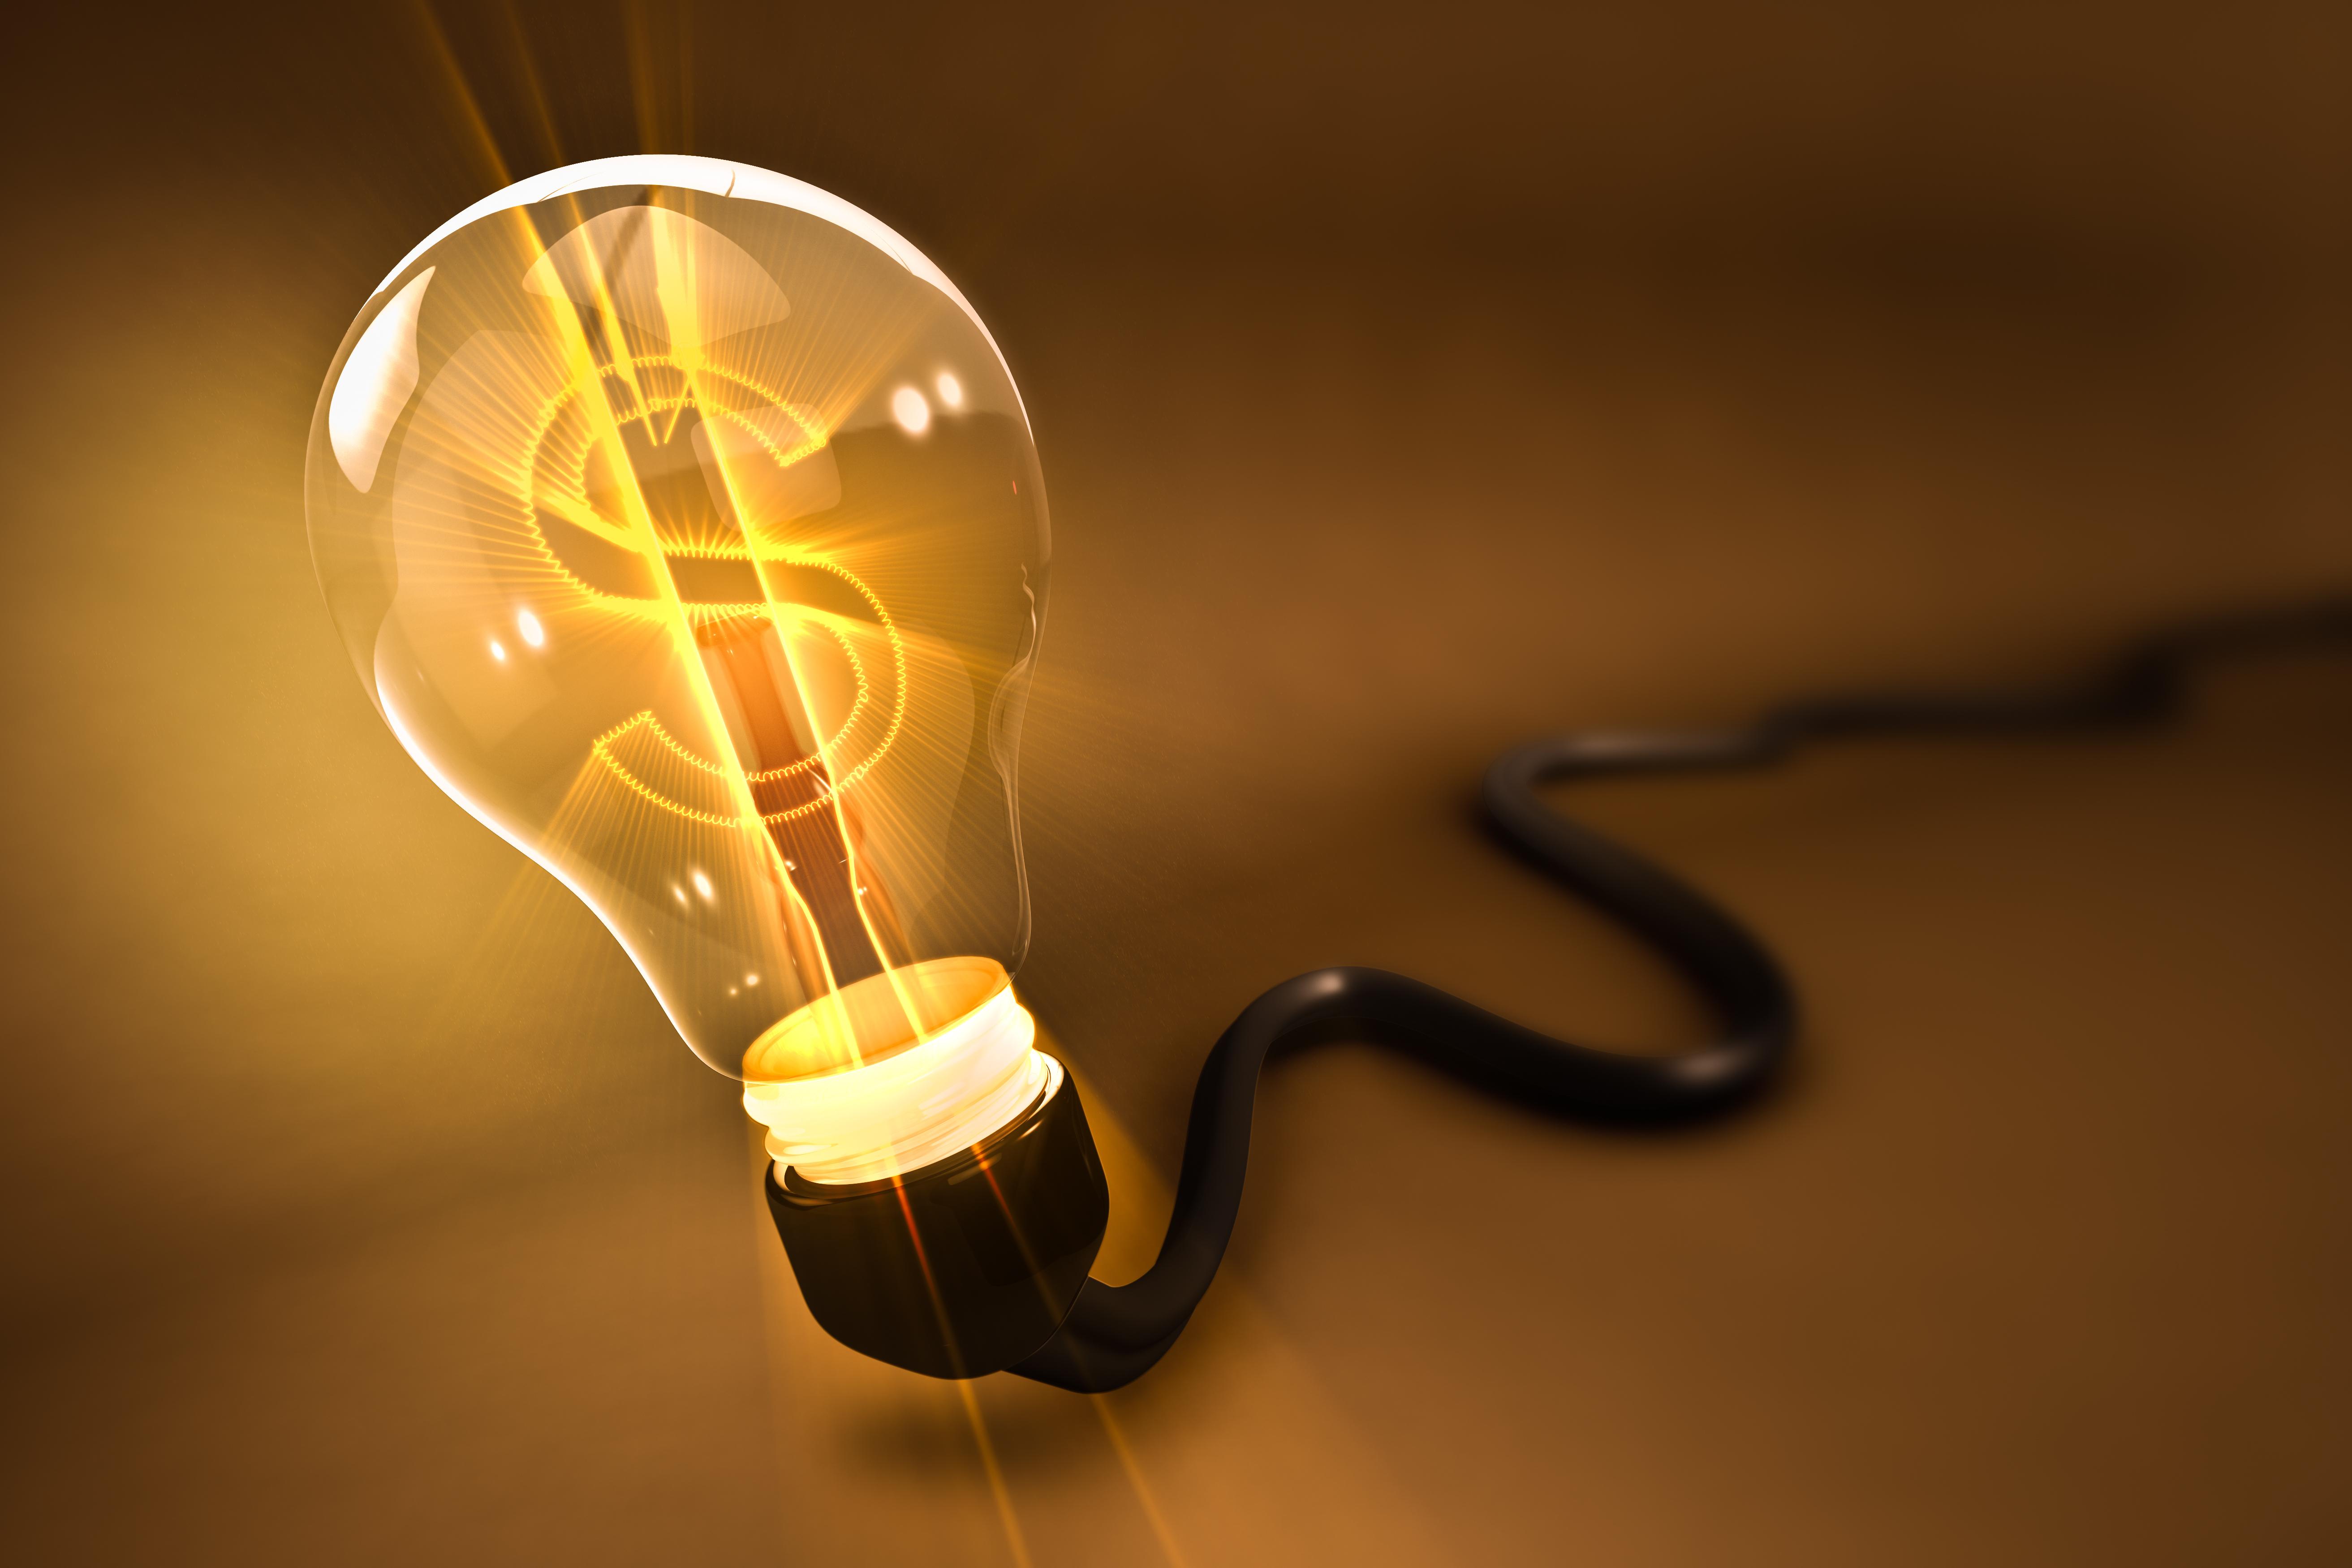 Energy efficiency lighting